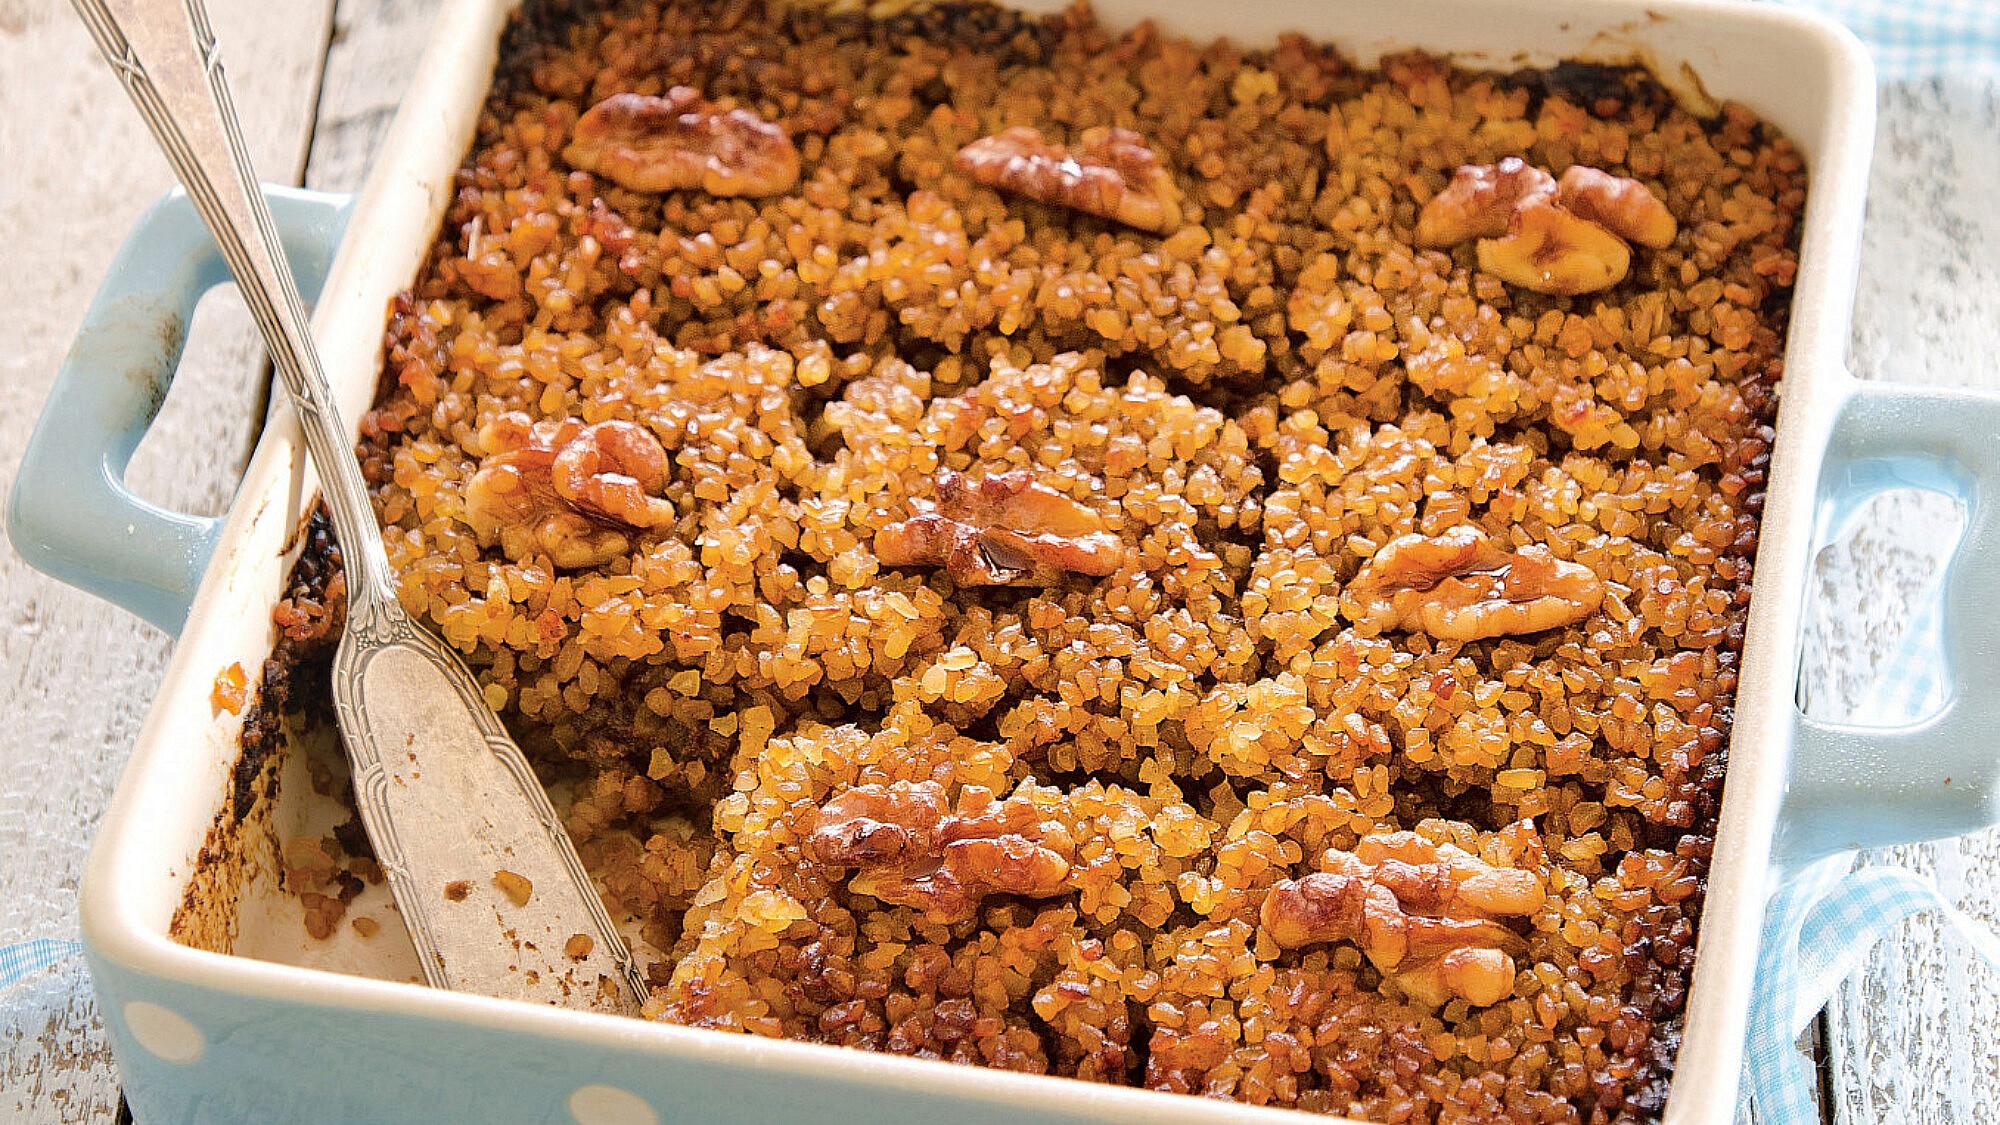 עוגת סולת ותמרים של אורלי פלאי־ברונשטיין. סטיילינג: אוריה גבע (צילום: אילן נחום)